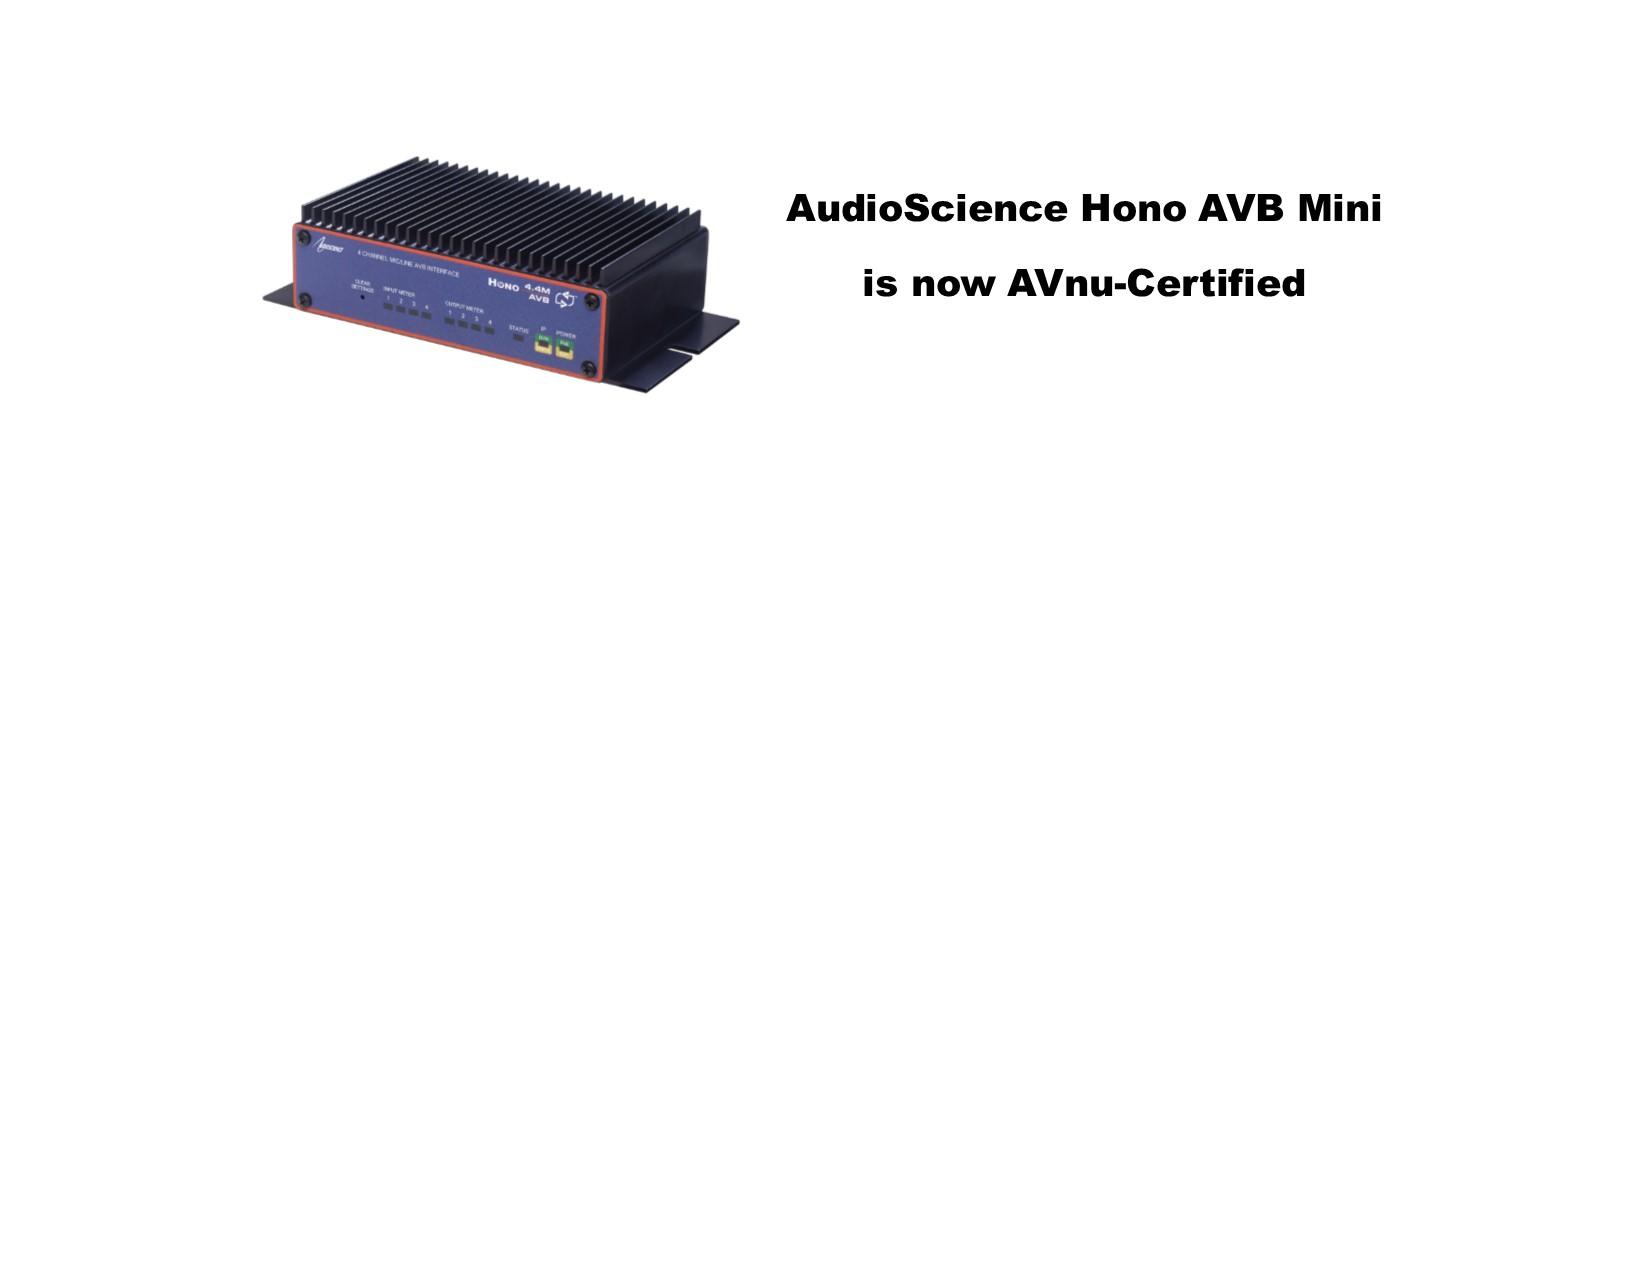 AudioScience-Hono-AVB-Mini